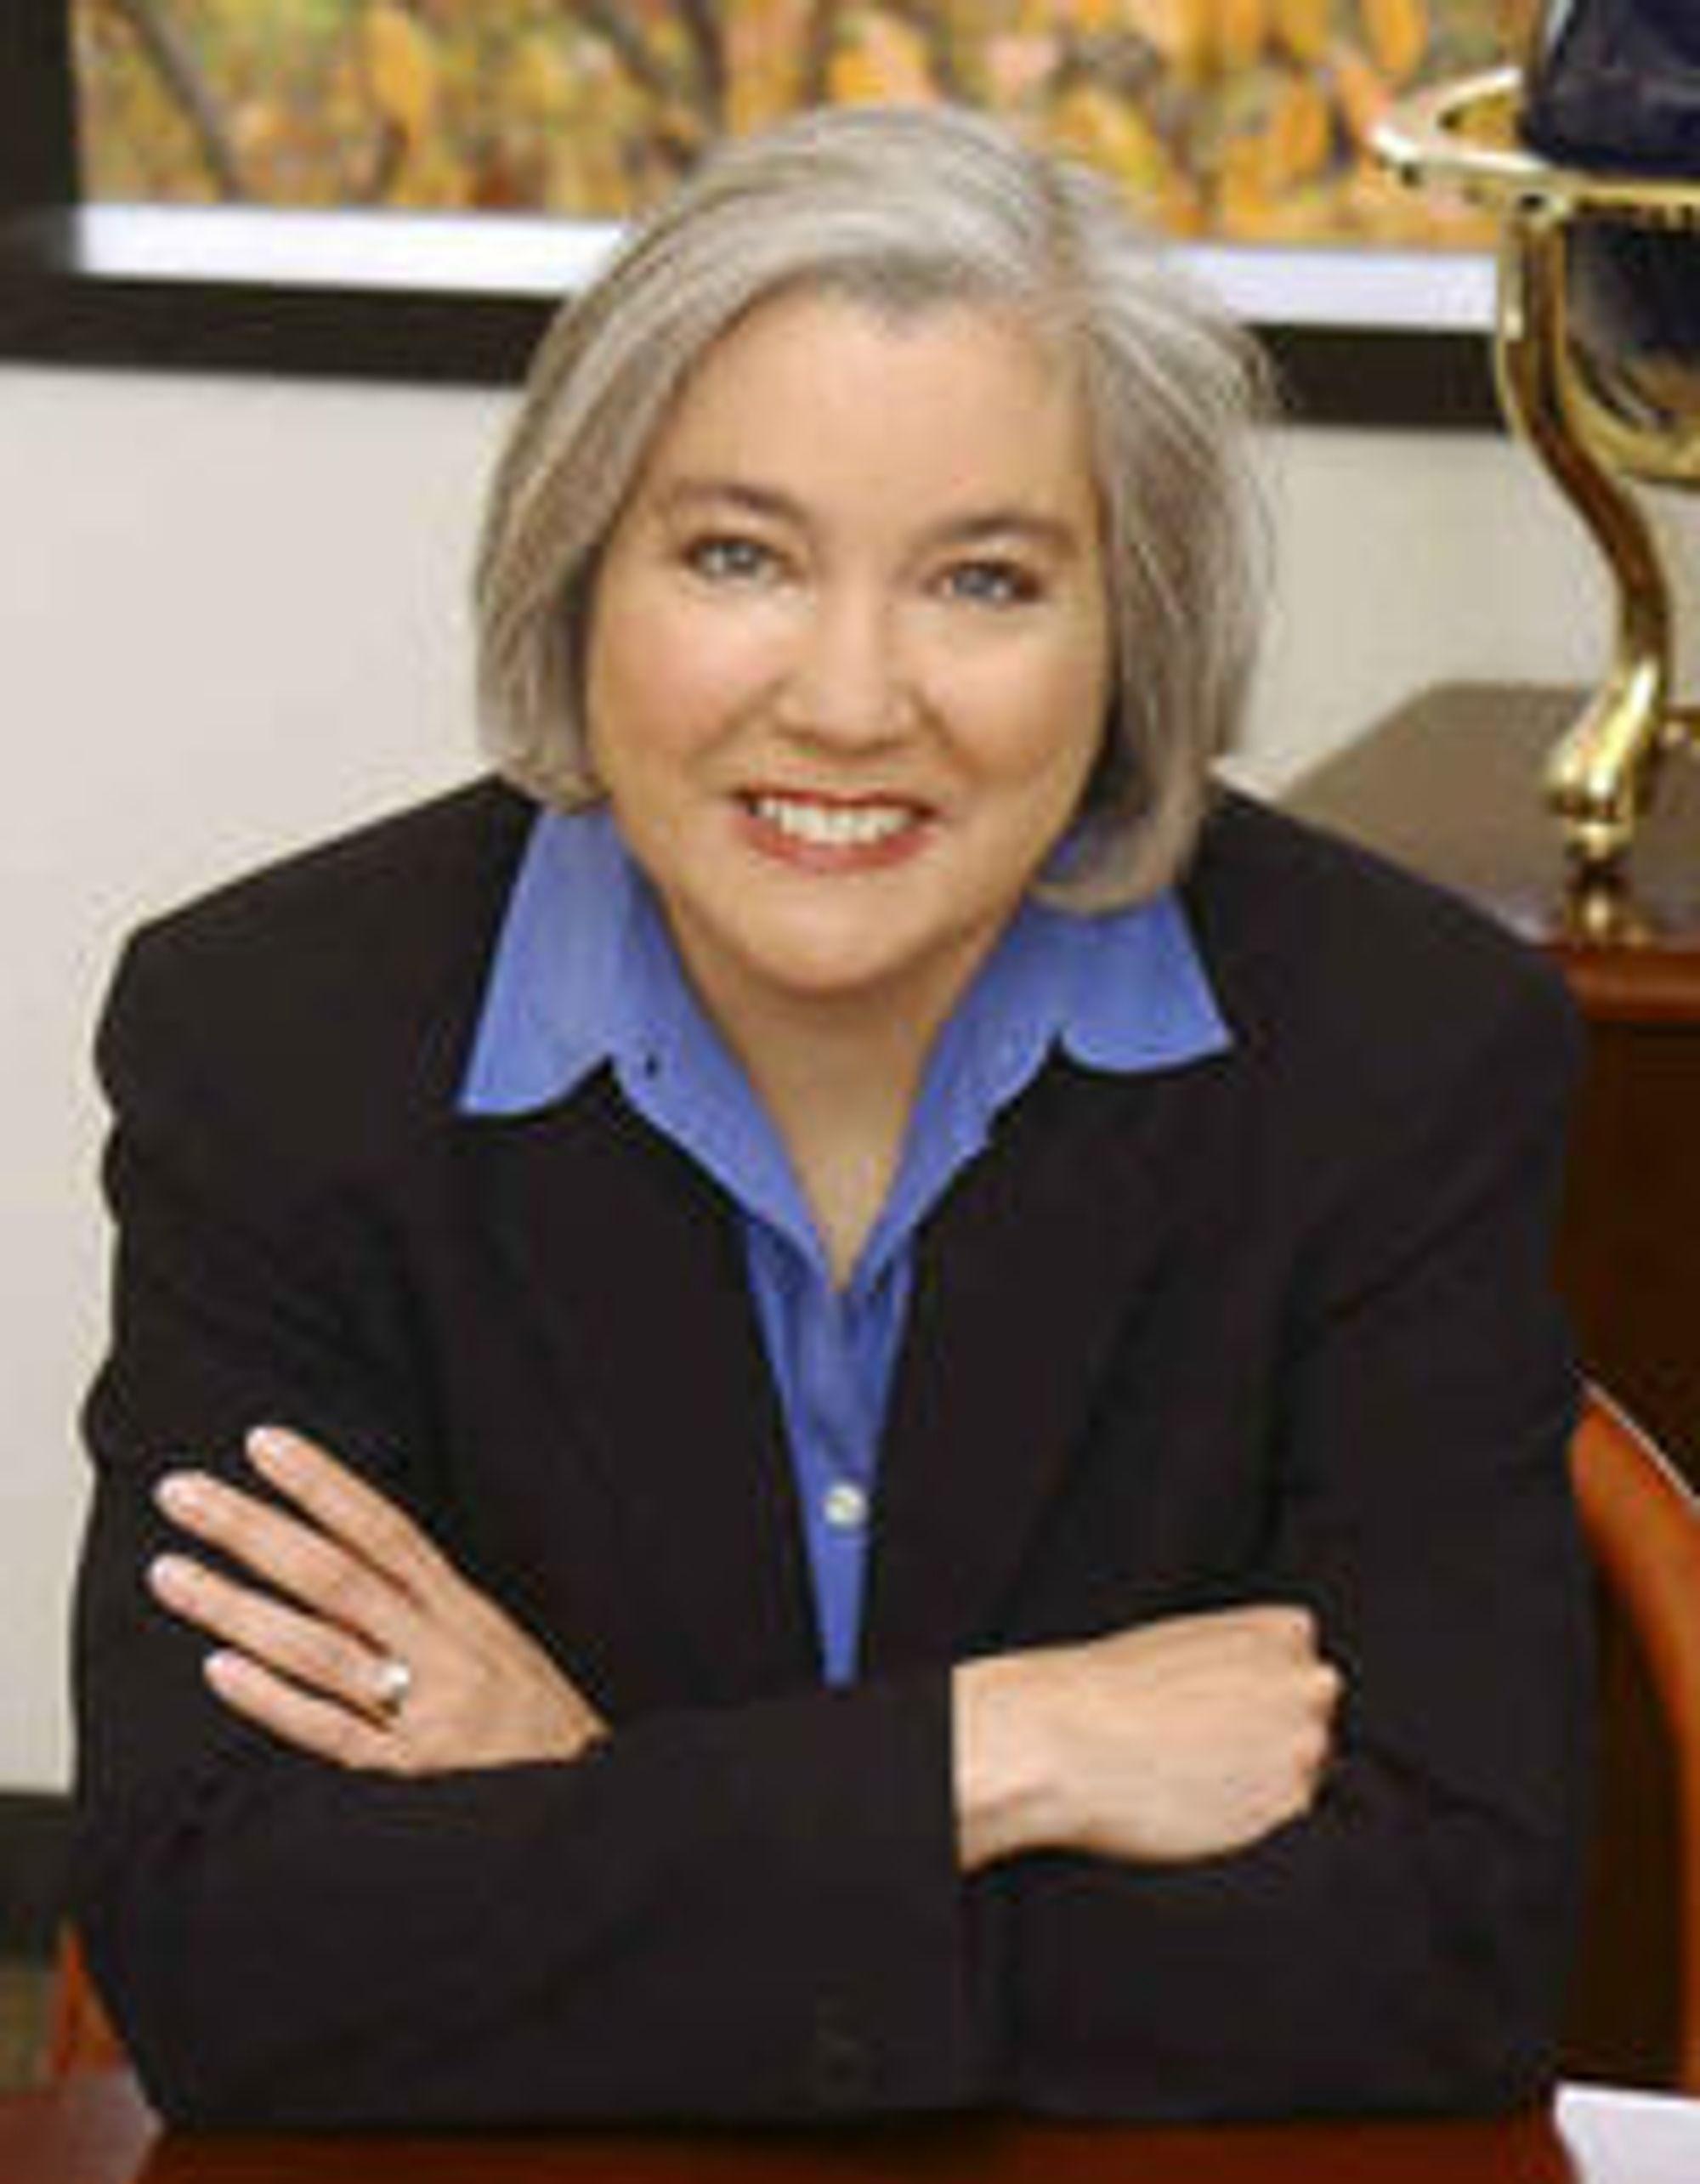 Tre ganger var Ann Livermore kandidat til toppsjefstillingen i HP. Nå er det definitivt slutt på hennes karriere i selskapet.